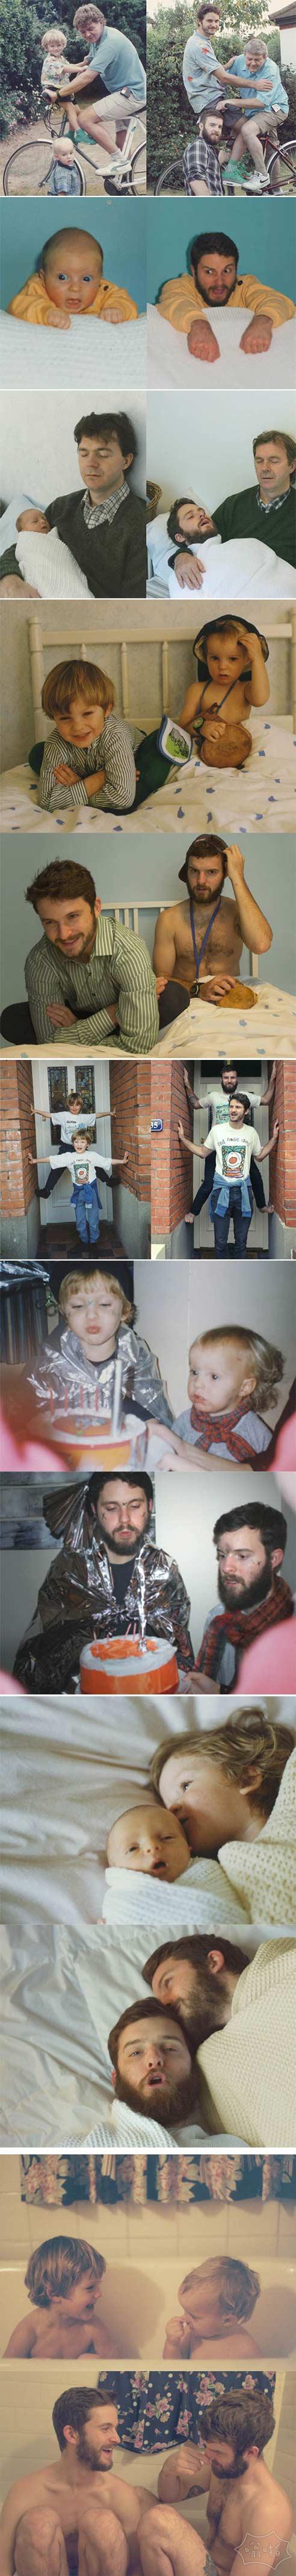 兄弟重现年轻时的时刻。